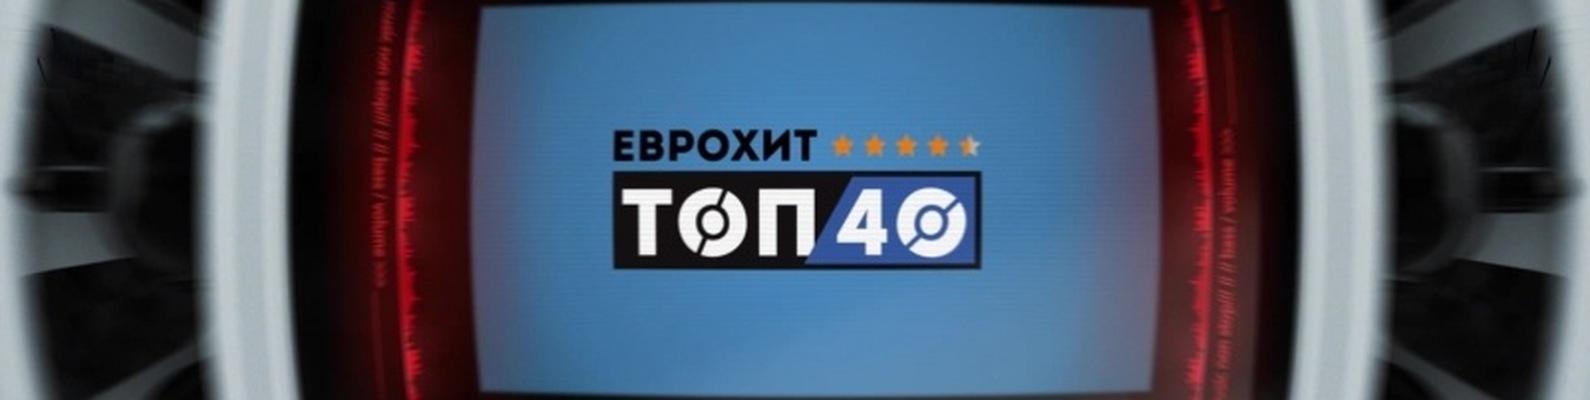 ЕВРОХИТ ТОП 40 ИЮЛЬ 2017 СКАЧАТЬ БЕСПЛАТНО